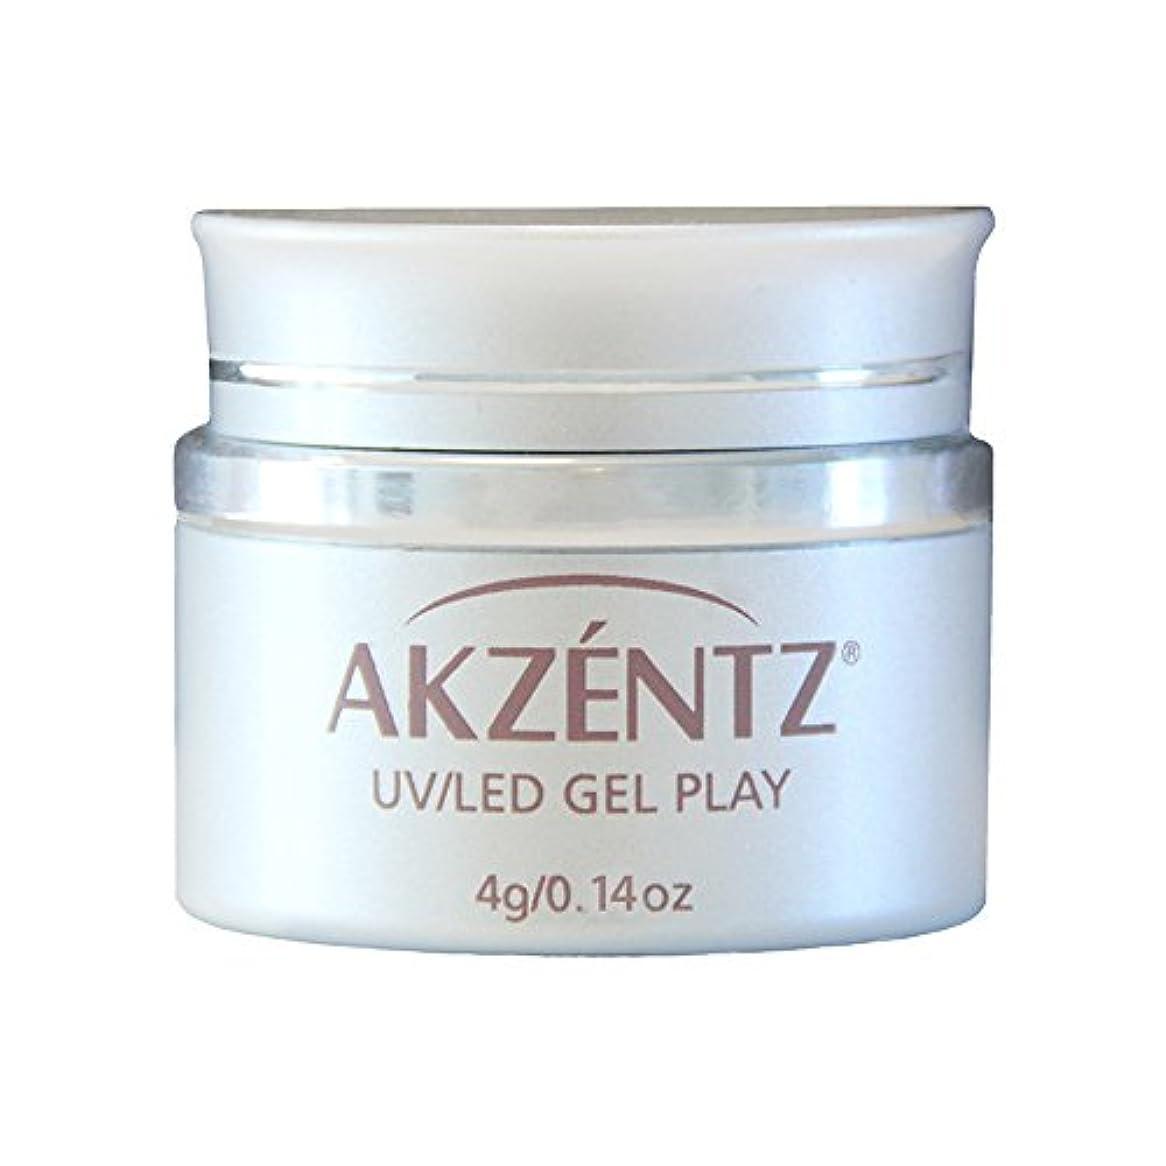 松明コカイン遺伝子AKZENTZ カラージェル ジェルプレイ ペイントオレンジ 4g UV/LED対応